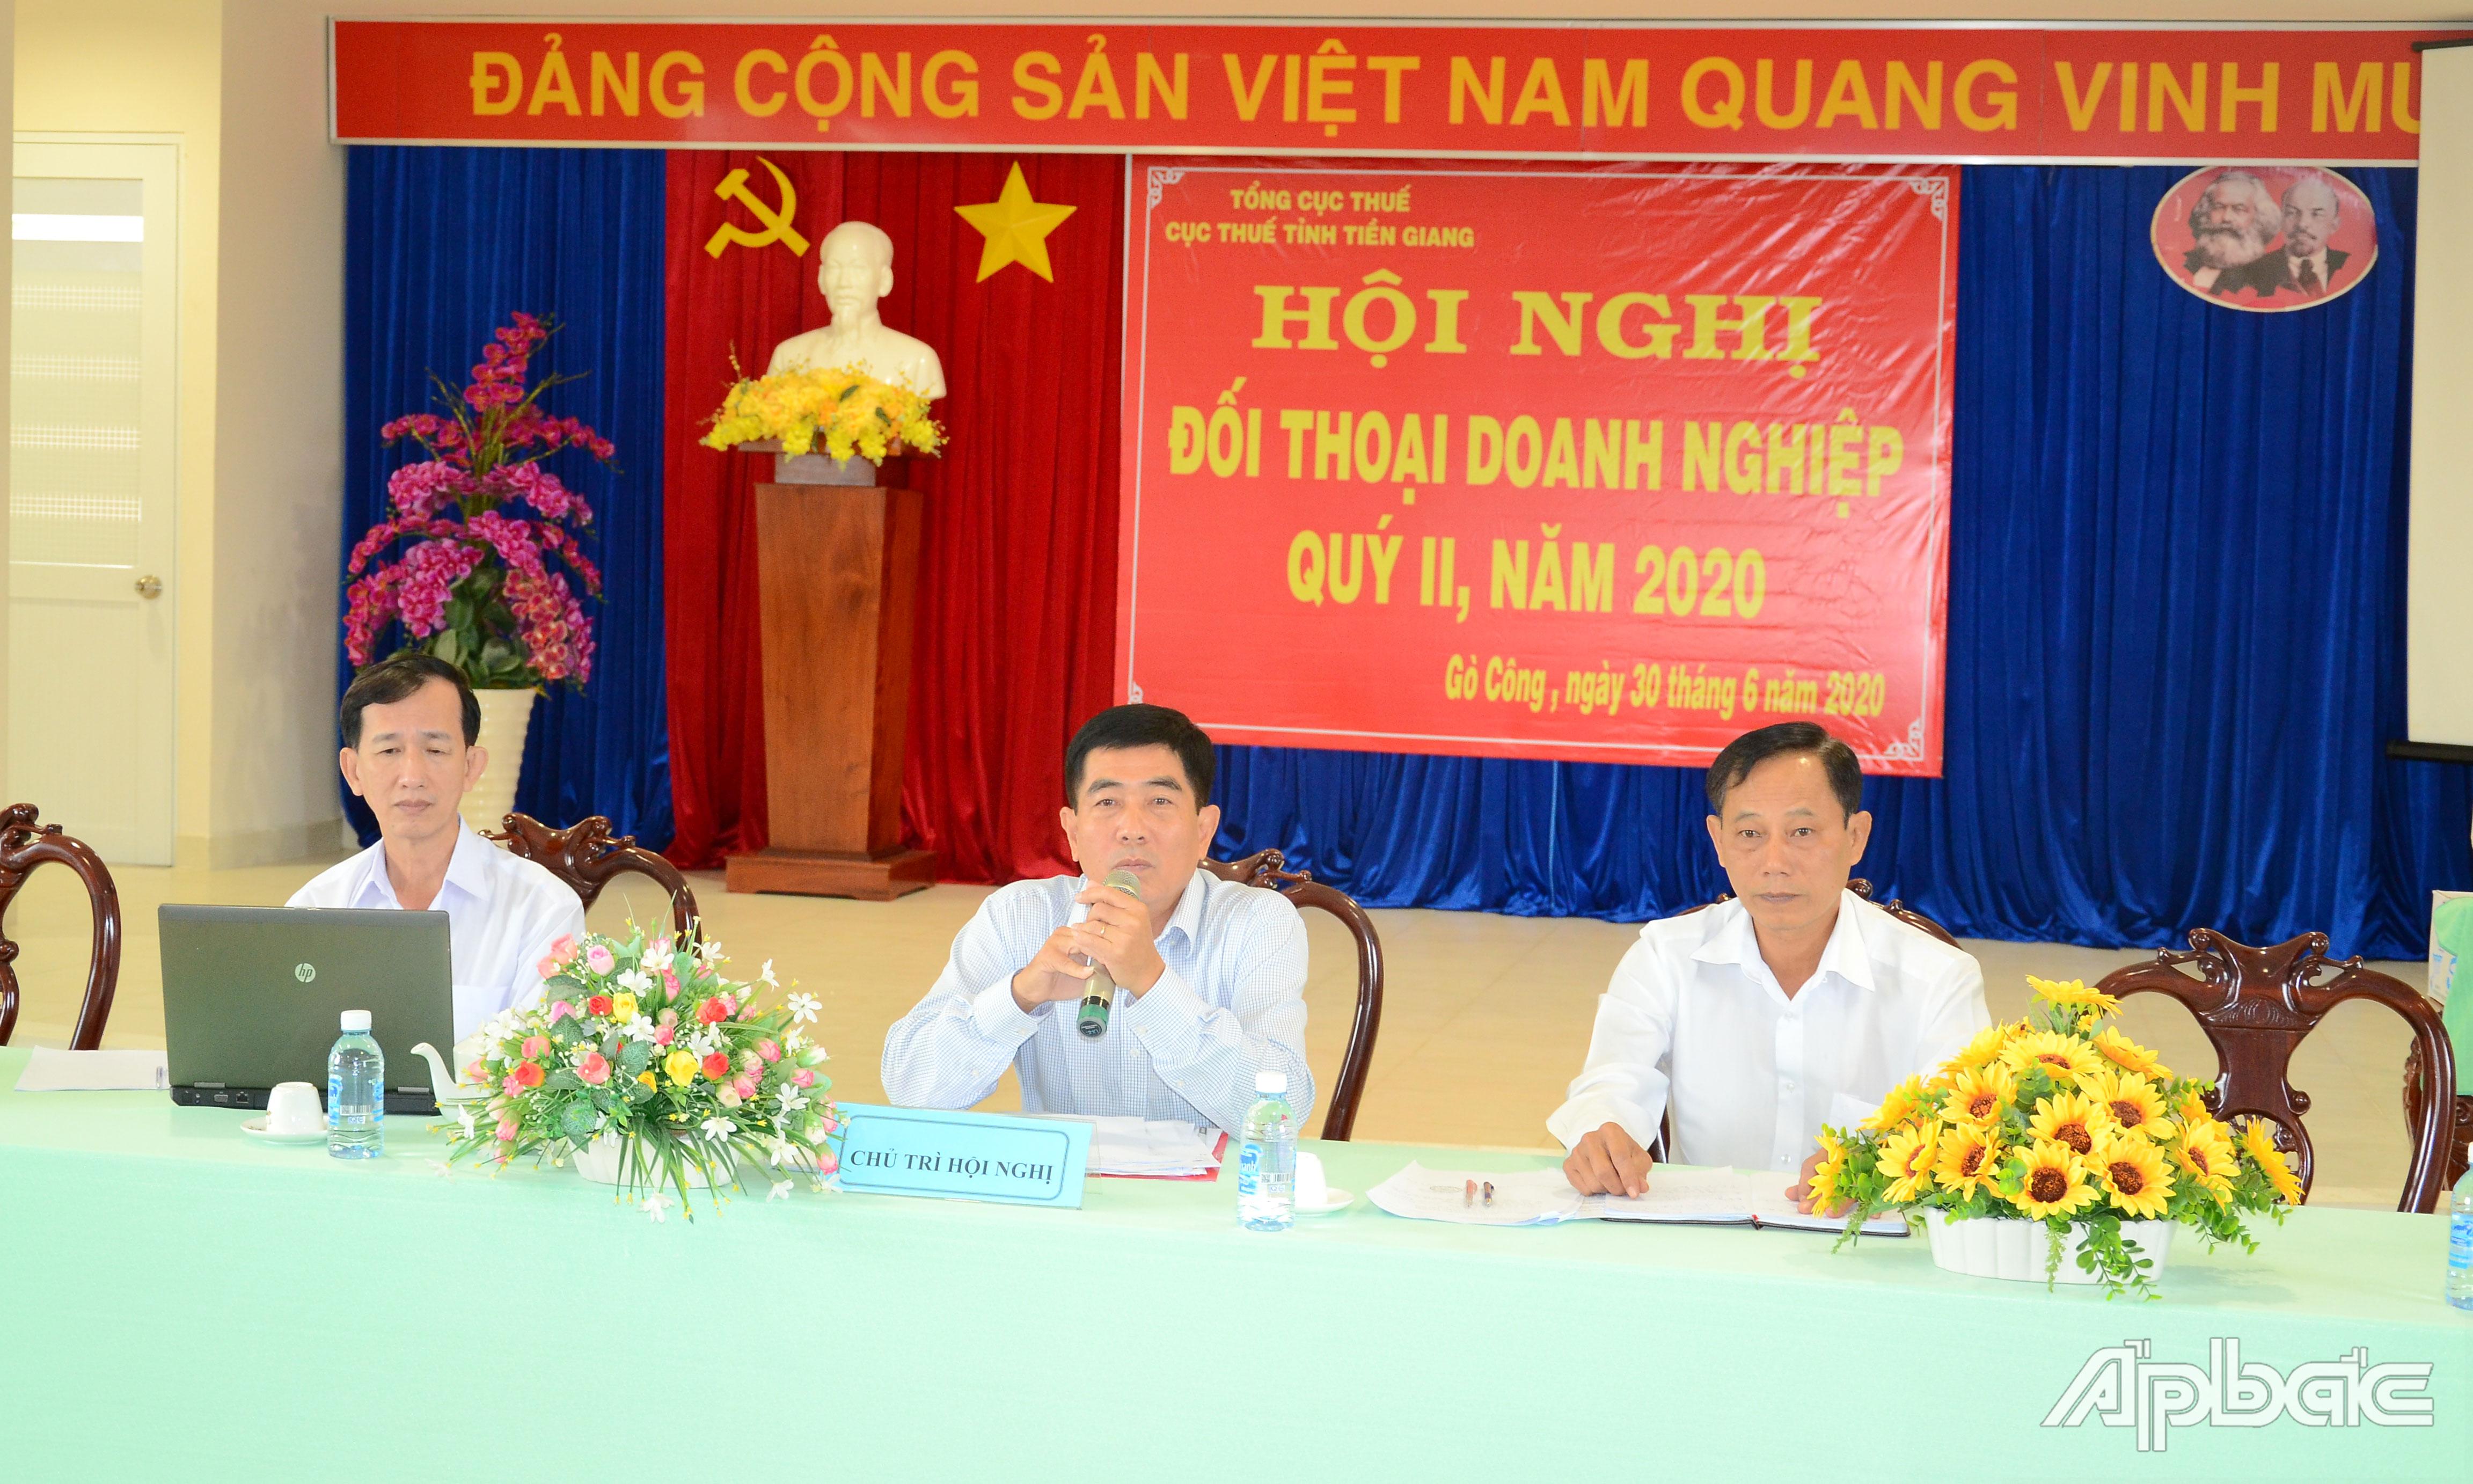 Lãnh đạo Cục Thuế tỉnh giải đáp các kiến nghị của doanh nghiệp.